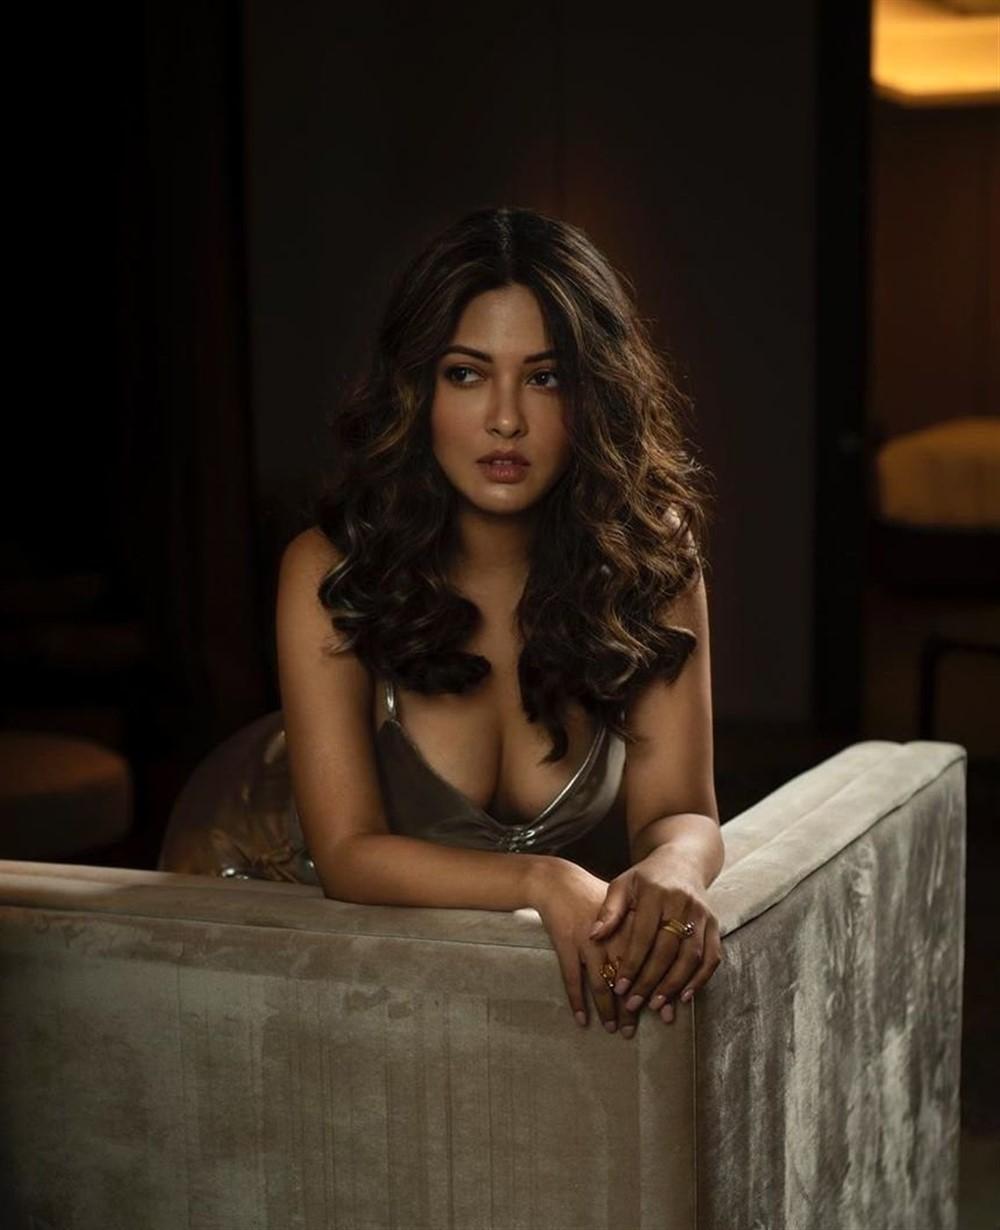 Tamil Actress Riya Sen Latest Photos